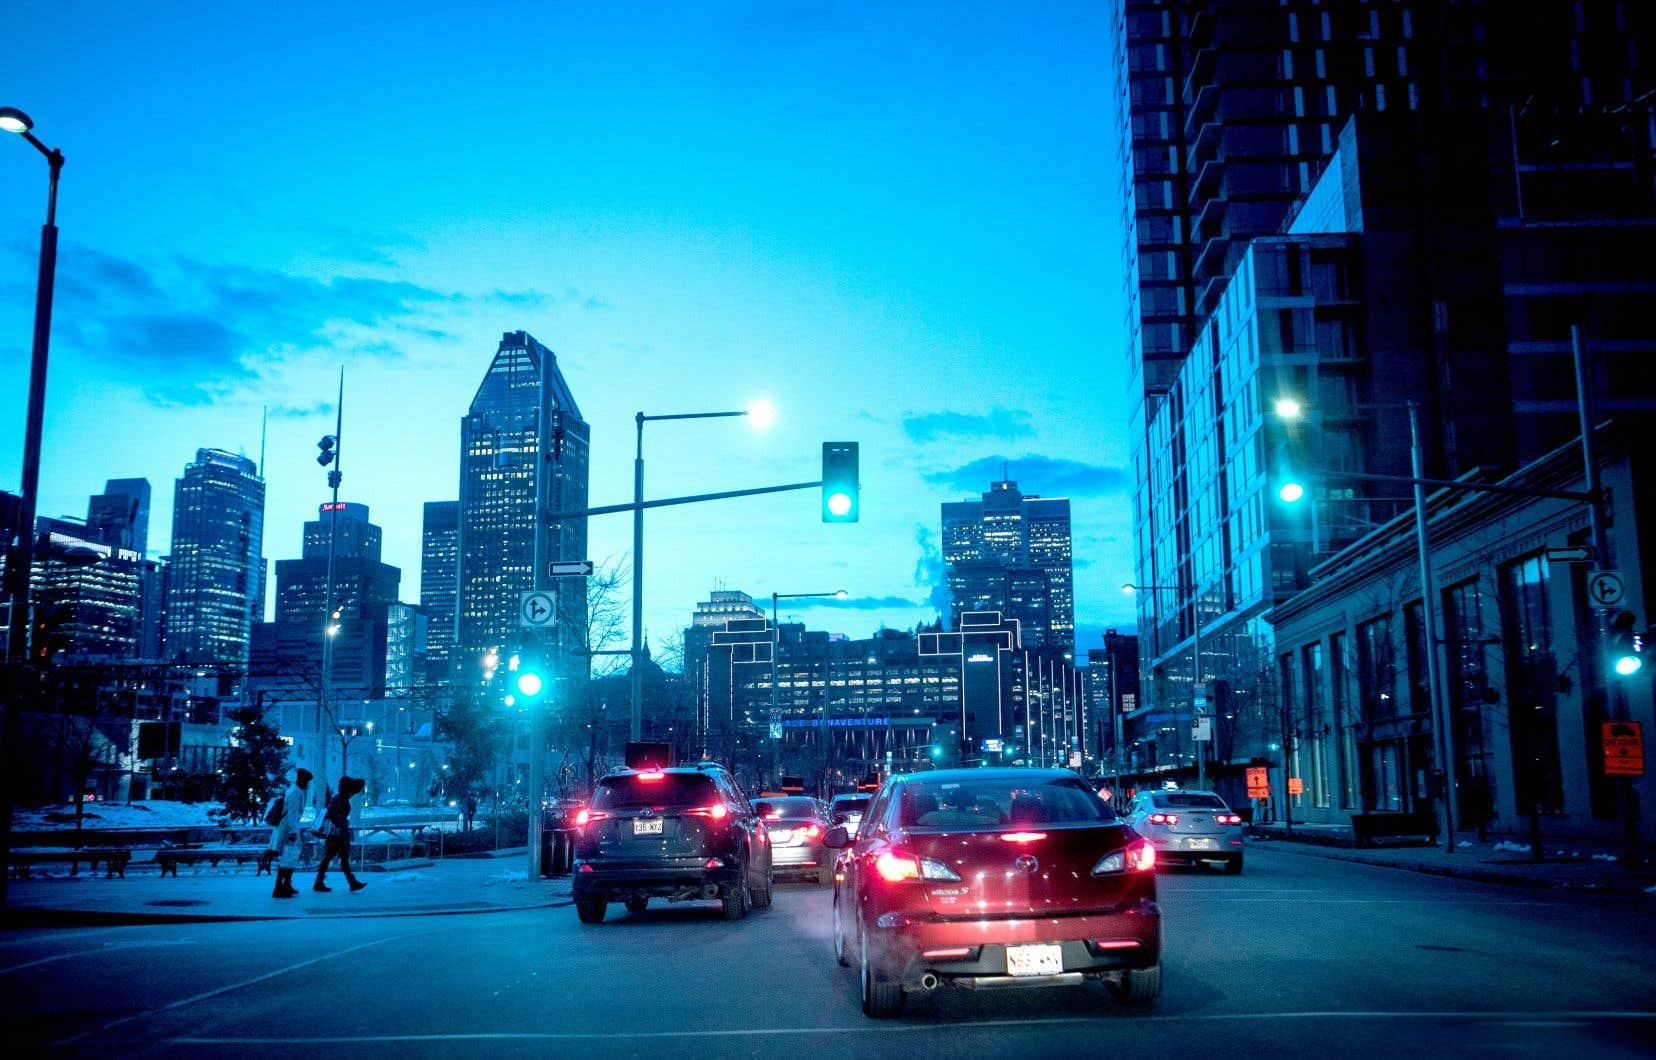 Montréal continue d'attirer les travailleurs étrangers, car, contrairement à certaines grandes villes comme San Francisco, elle offre une bonne qualité de vie et le coût de la vie y est raisonnable.